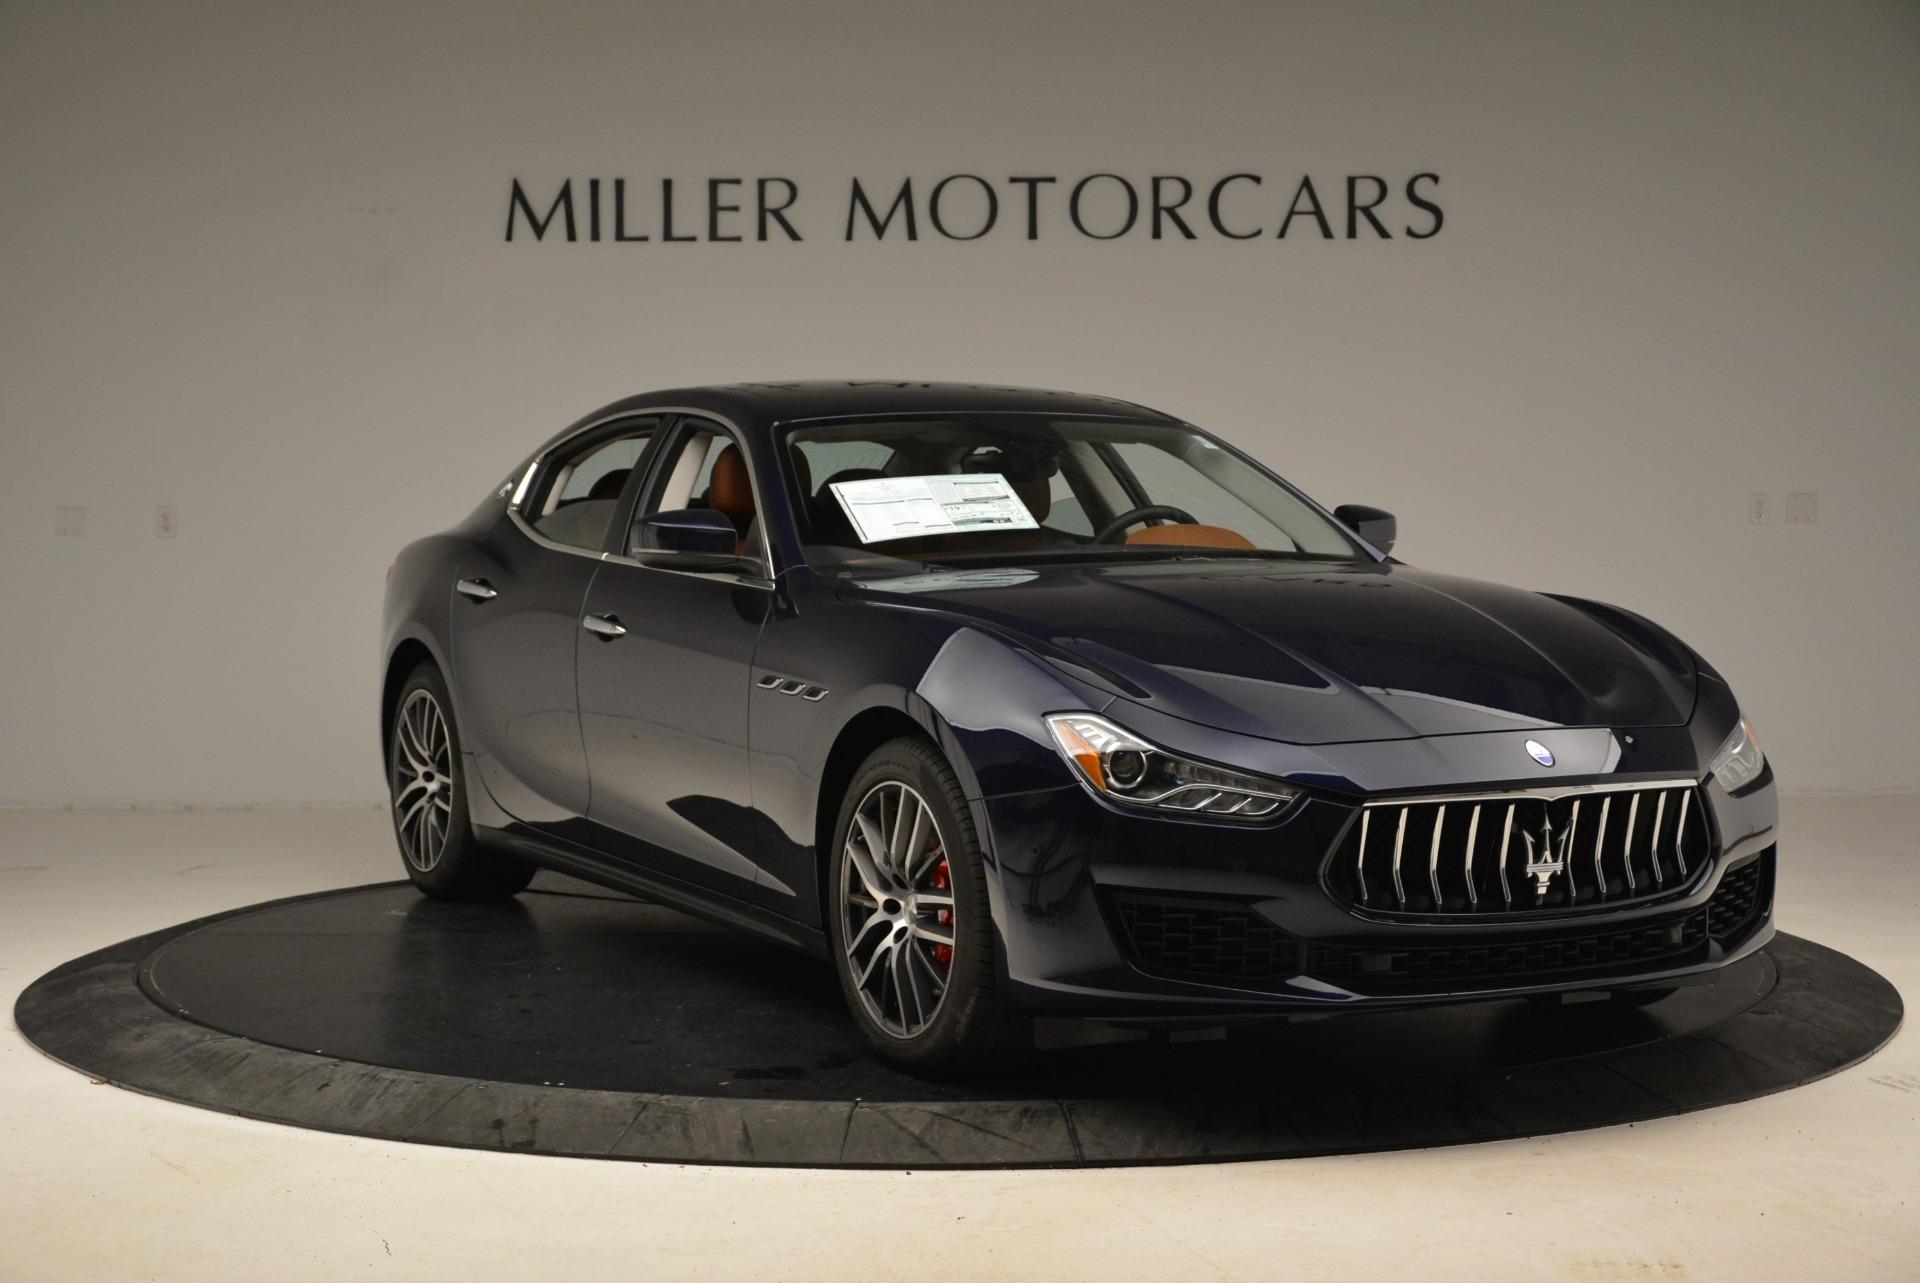 New 2019 Maserati Ghibli S Q4 For Sale In Greenwich, CT. Alfa Romeo of Greenwich, M2279 3035_p11